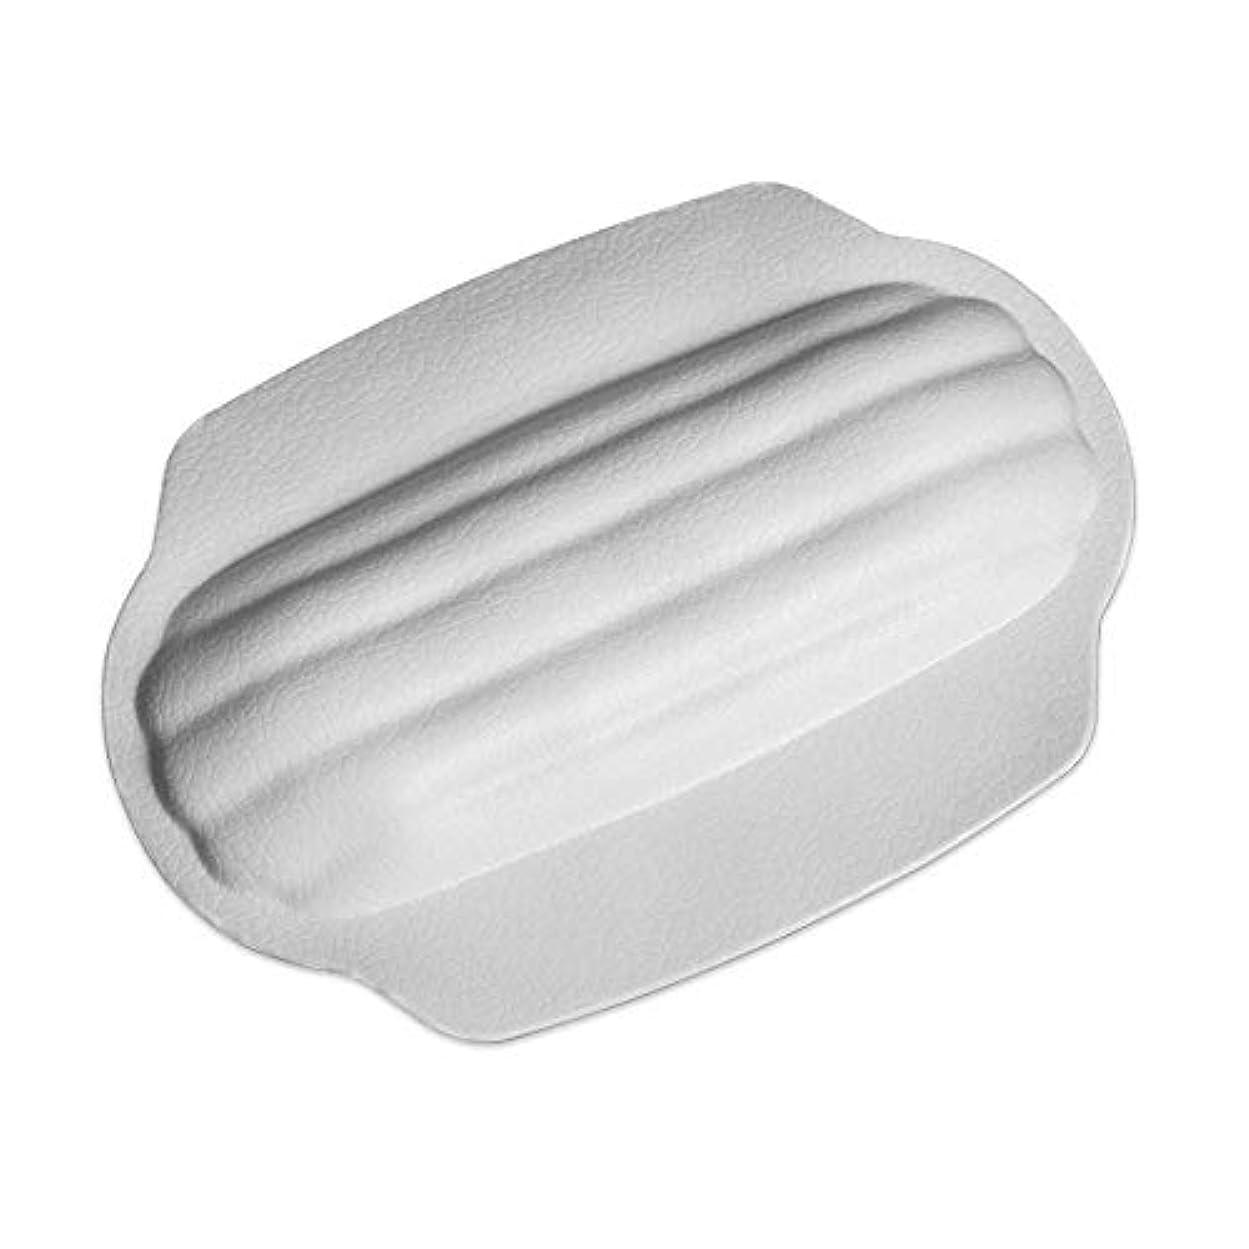 日眉放送サクションカップ付き防水滑り止めスパ枕厚めユニバーサルバスタブ枕バスタブと抗菌性